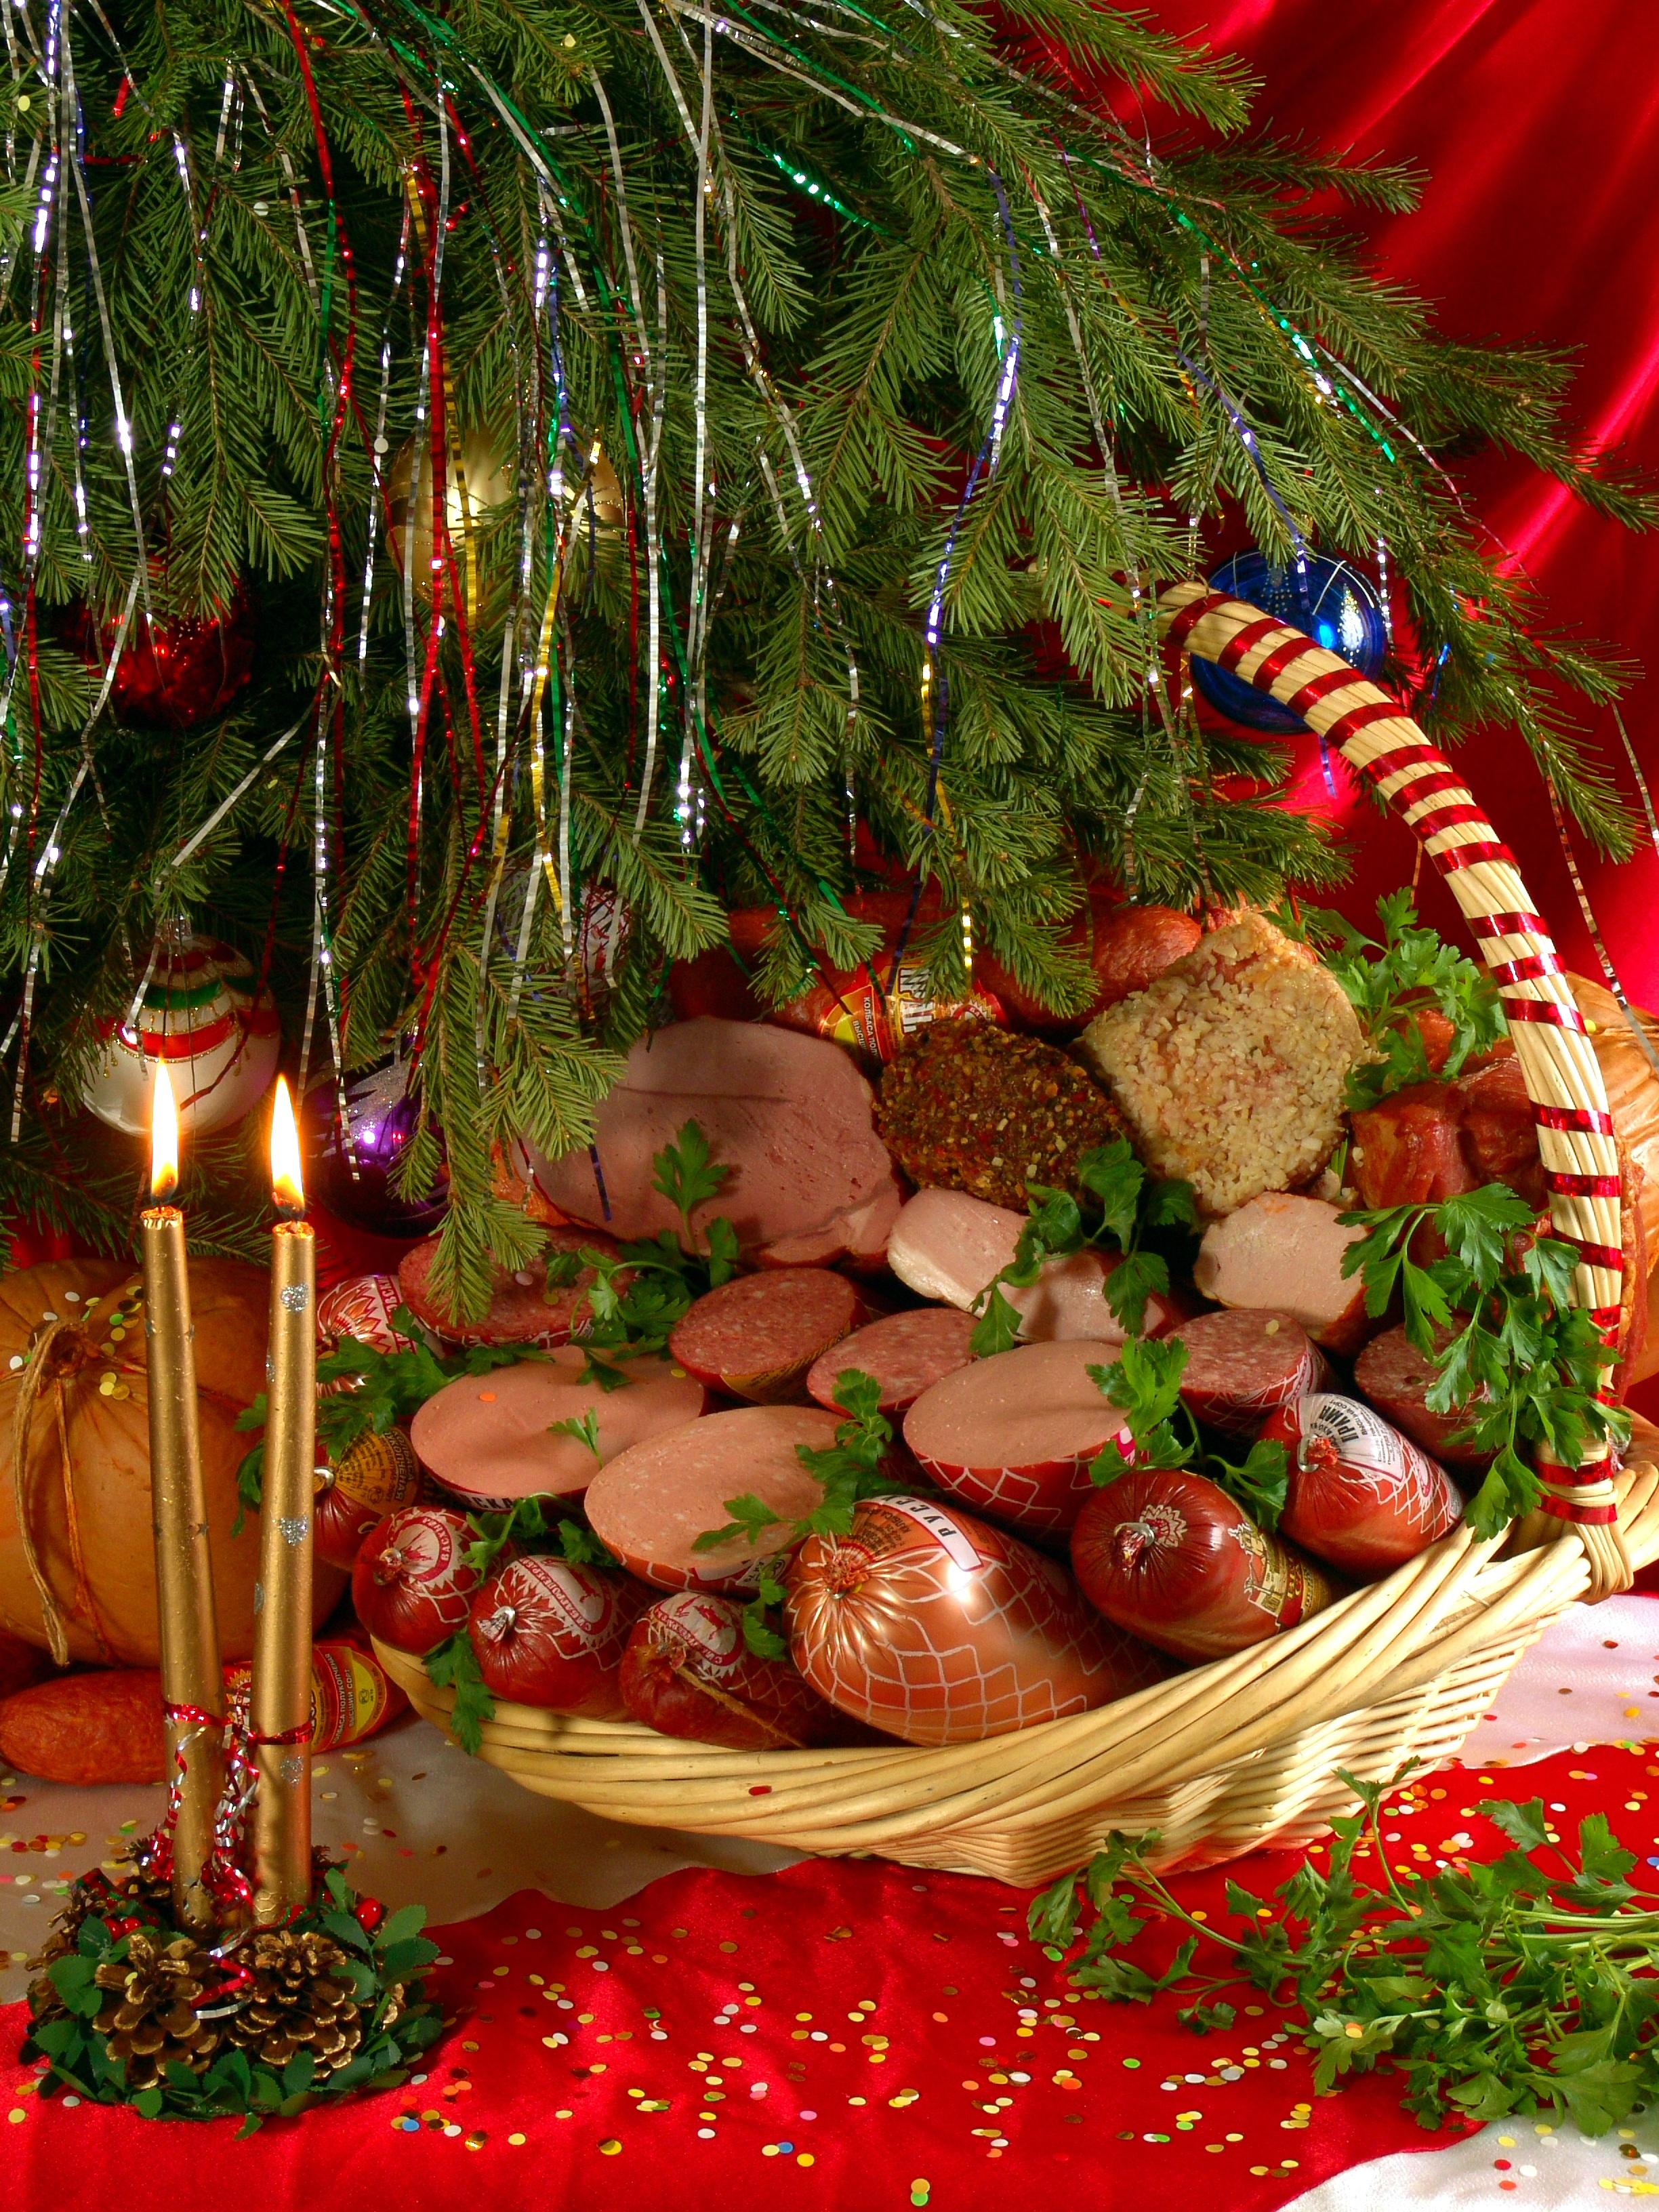 Images gratuites fleur photo repas aliments vacances arbre de no l d coration de no l for Decoration reveillon nouvel an